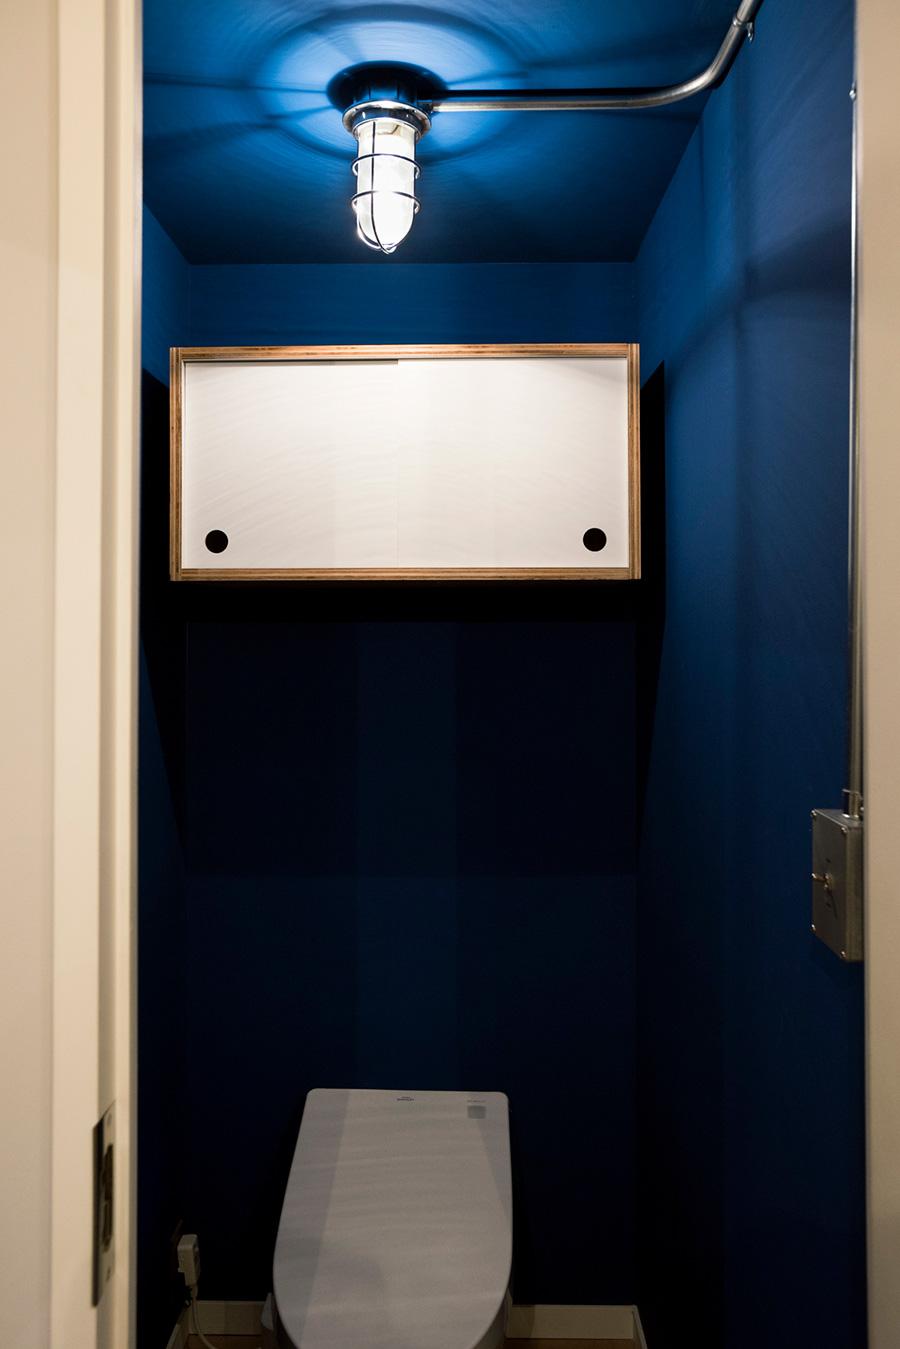 トイレにもマリンランプを。便器のクオリティにこだわるため、売り払った愛車の代わりに、そのボディカラーであるタヒチブルーを塗装。